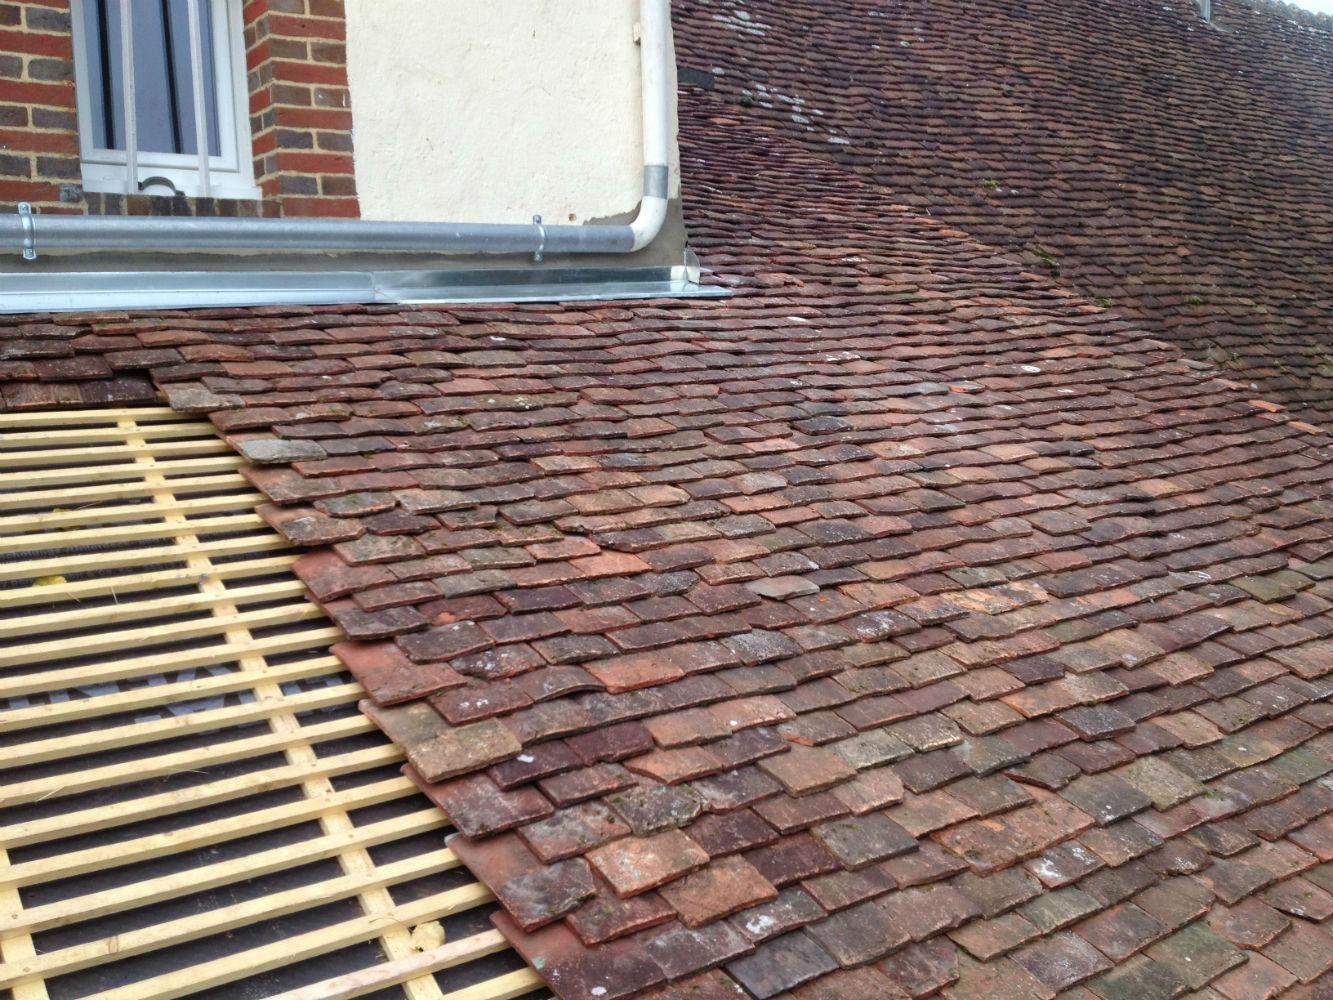 Toiture fibro ciment duree de vie devis artisant lorient entreprise rhuvc - Changer toiture fibro ciment ...